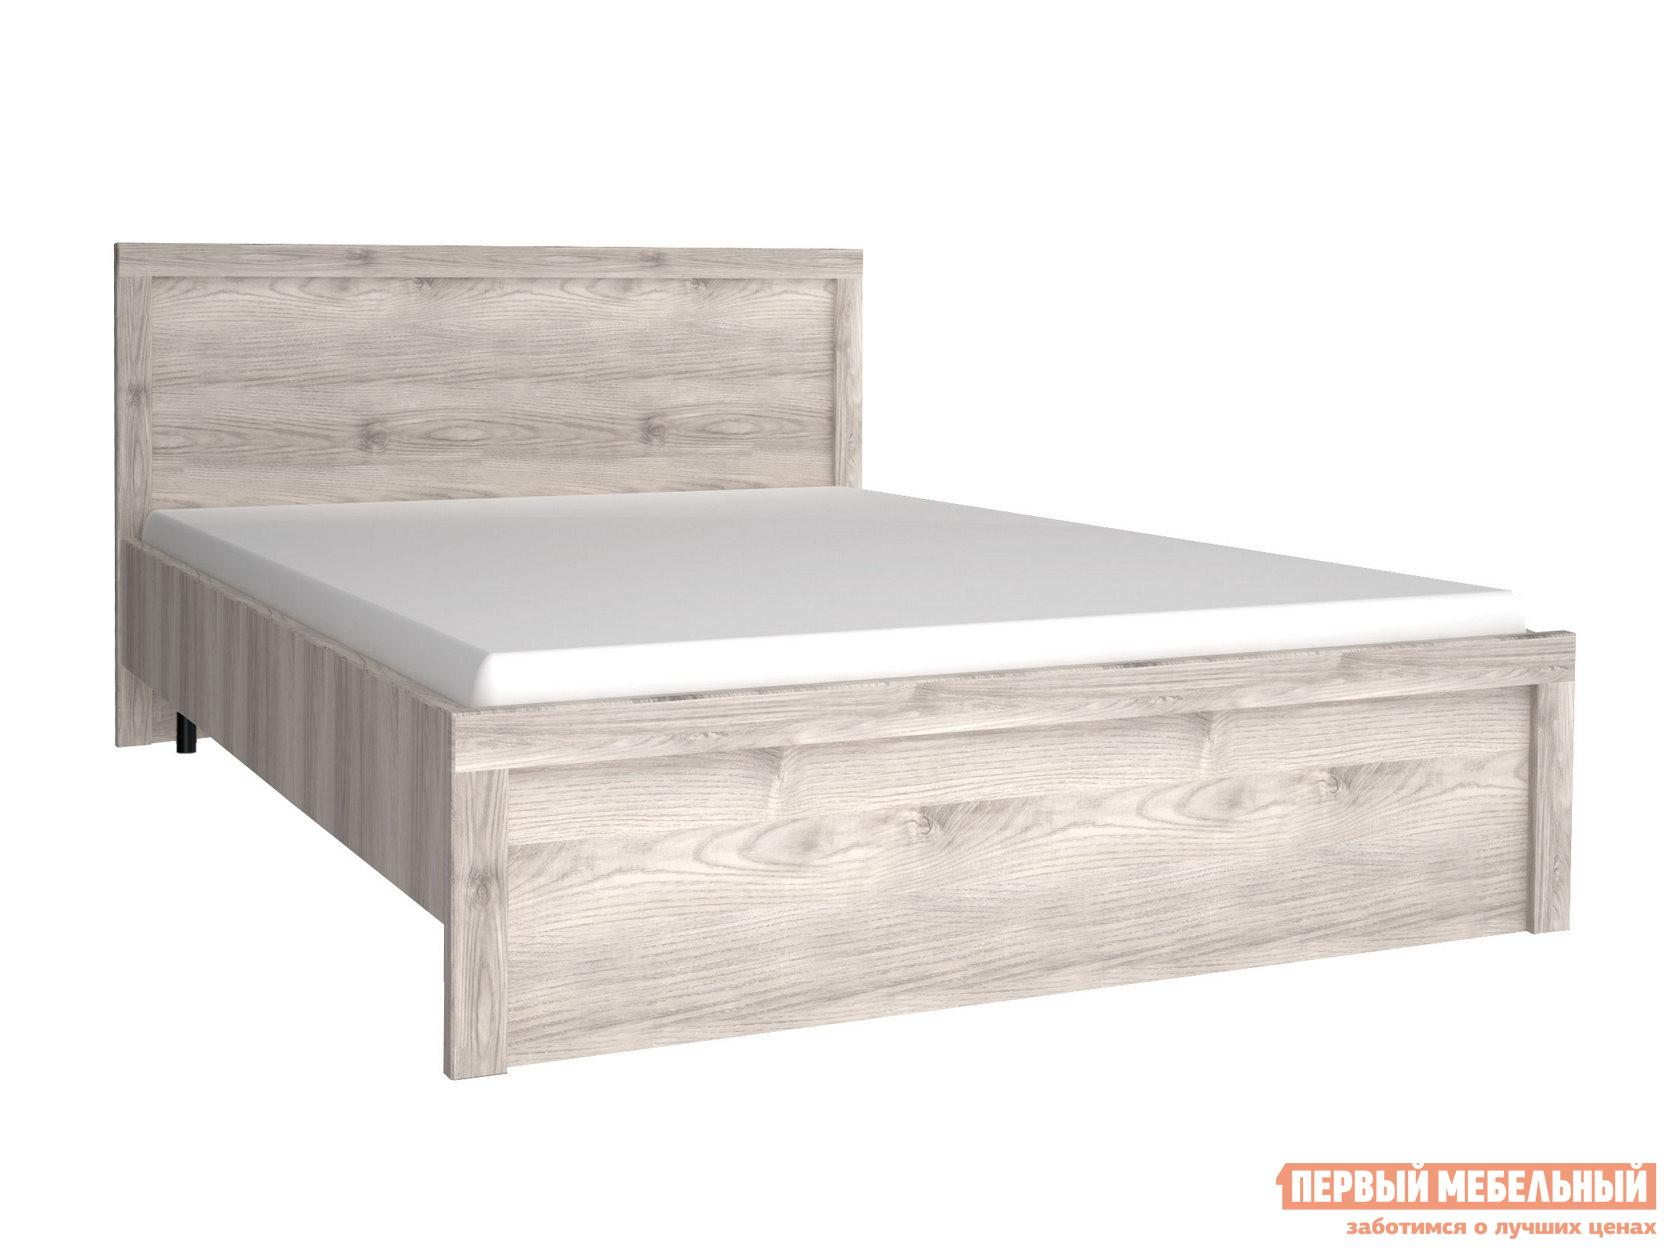 Односпальная кровать Первый Мебельный Кровать Джаз 120х200 односпальная кровать первый мебельный кровать молодежная оксфорд